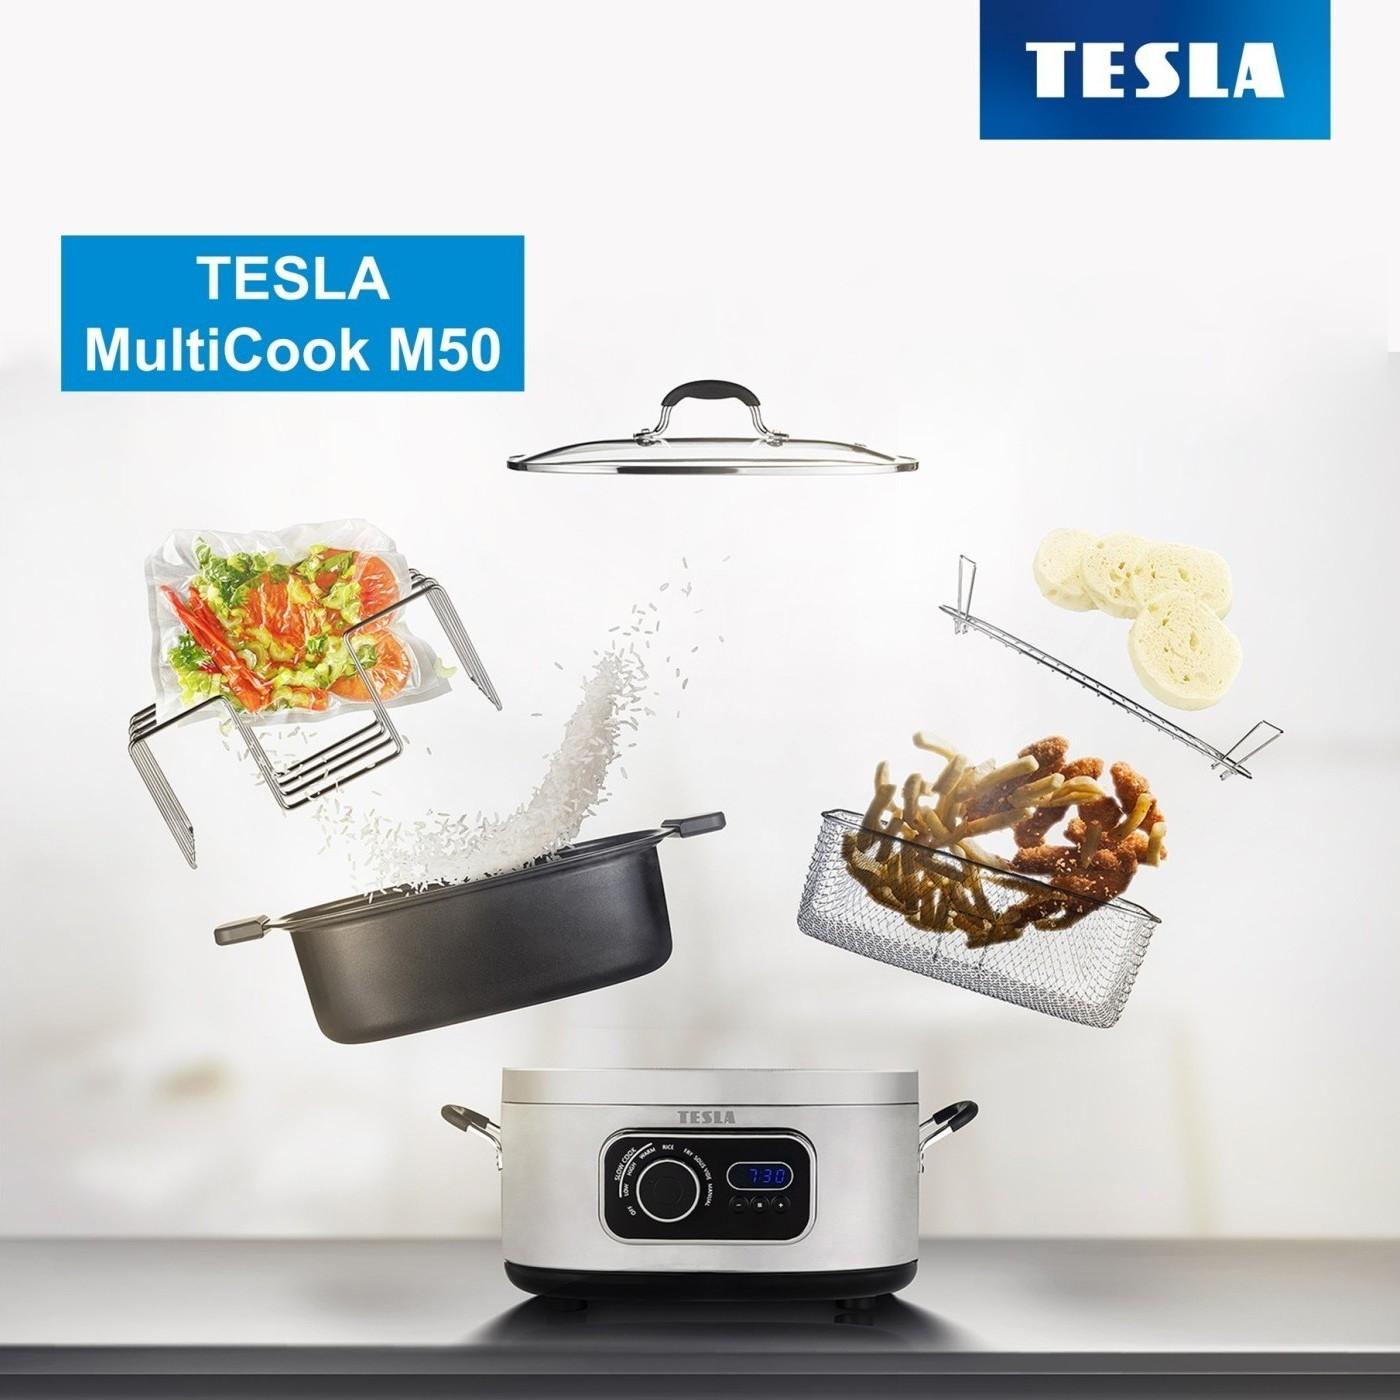 Novinka: multifunkční elektrický hrnec TESLA MultiCook M50